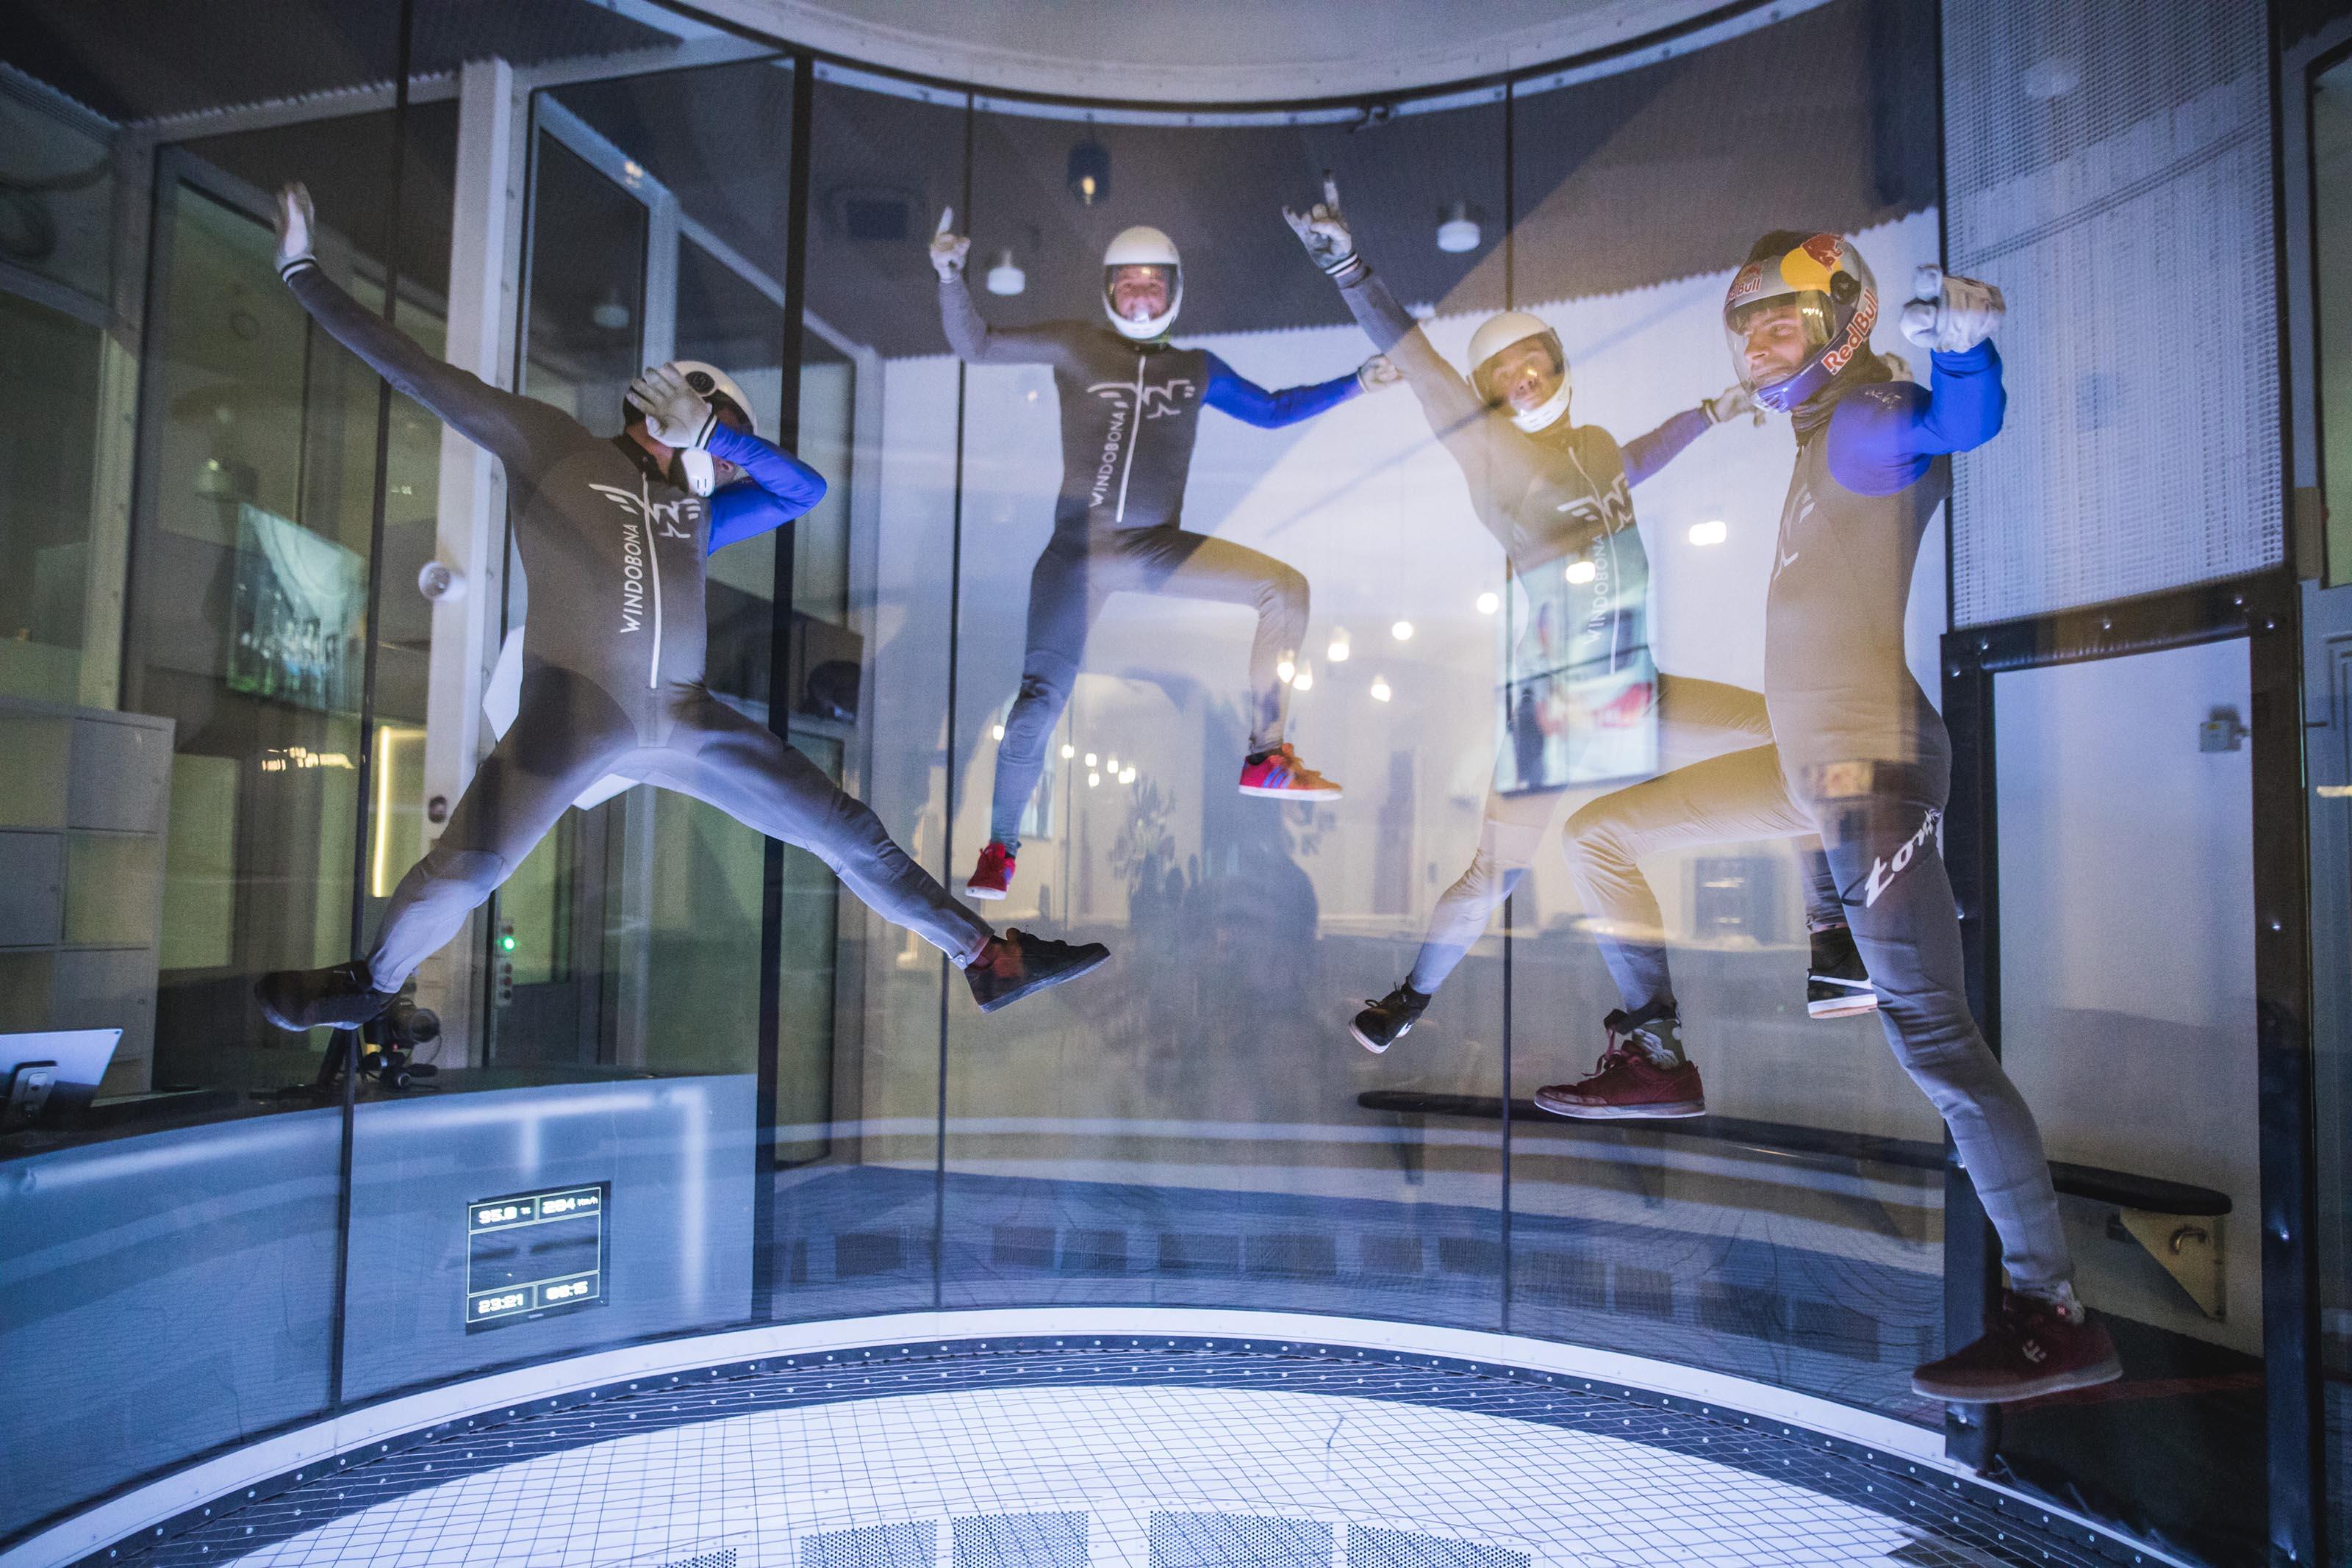 Jeder kann fliegen – Mitten in Berlin eröffnet Deutschlands modernster Windtunnel für Indoor Skydiving